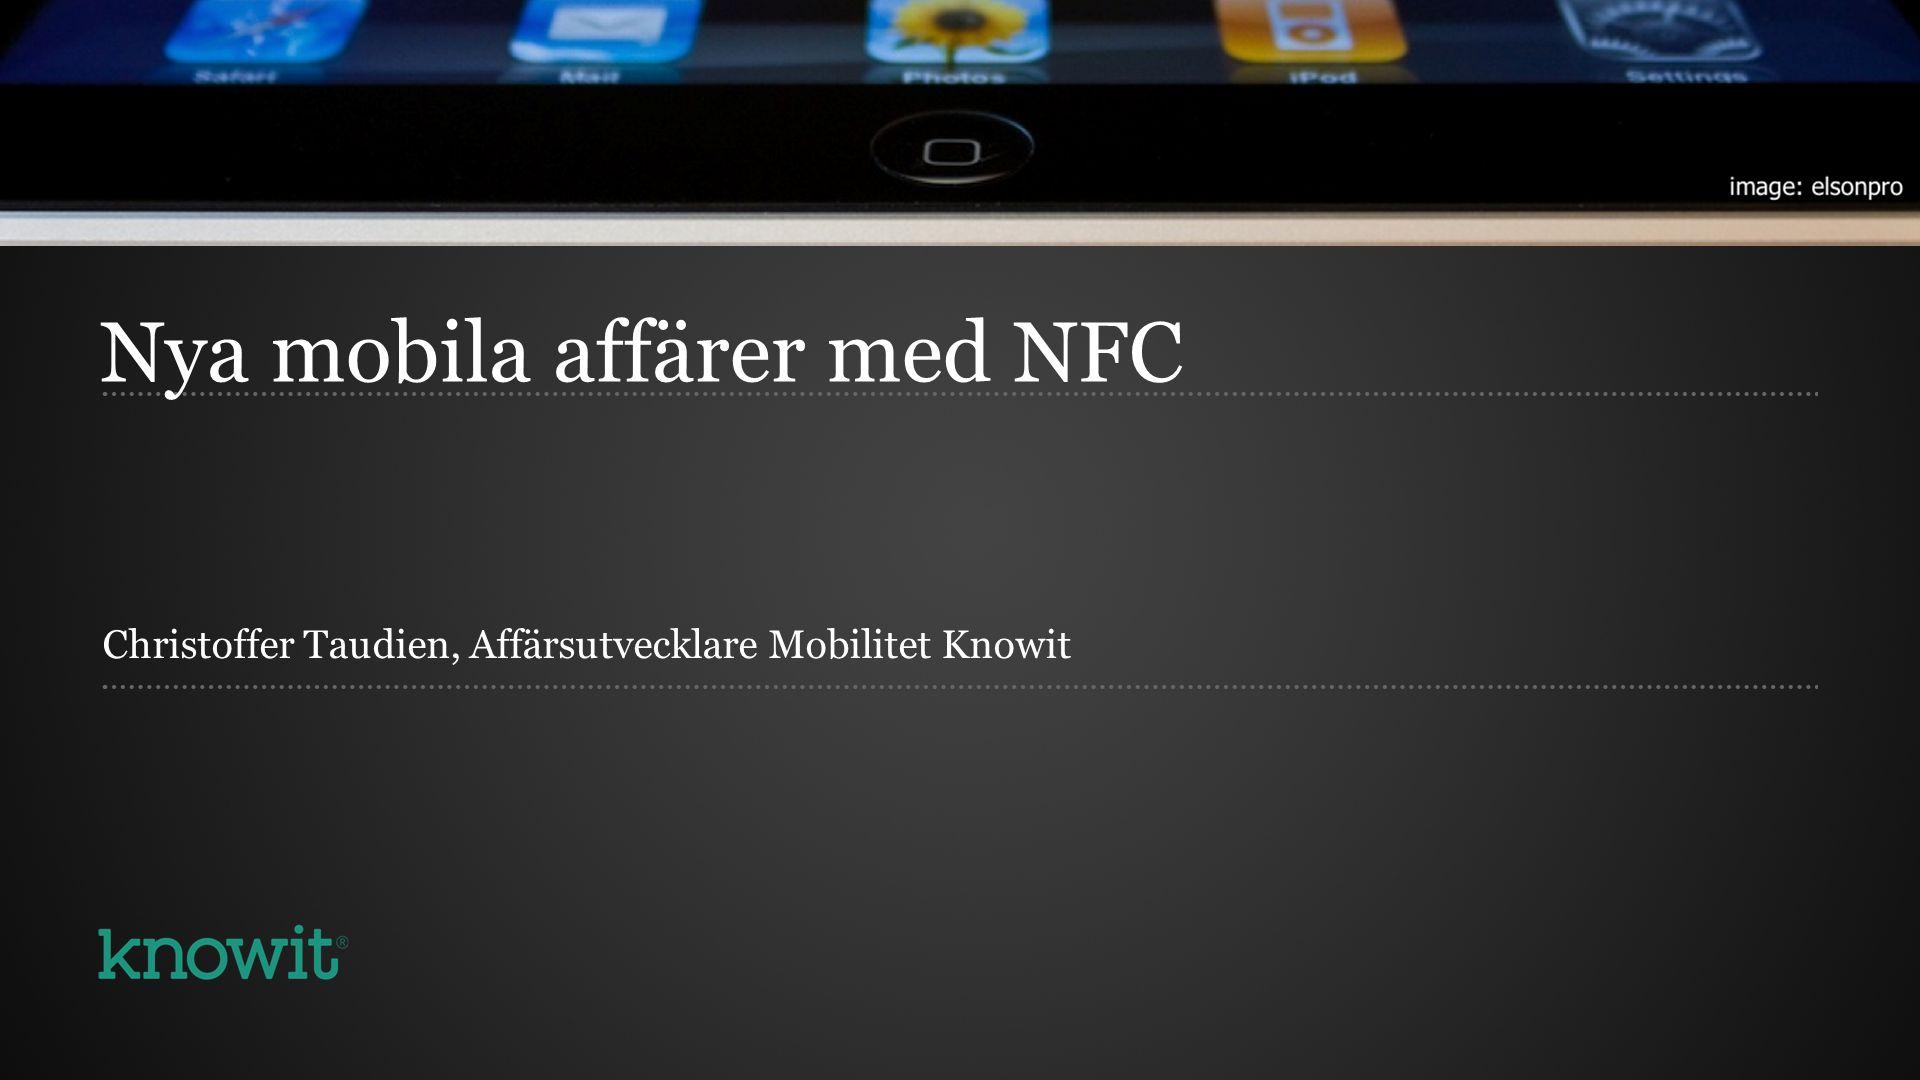 Nya mobila affärer med NFC Christoffer Taudien, Affärsutvecklare Mobilitet Knowit